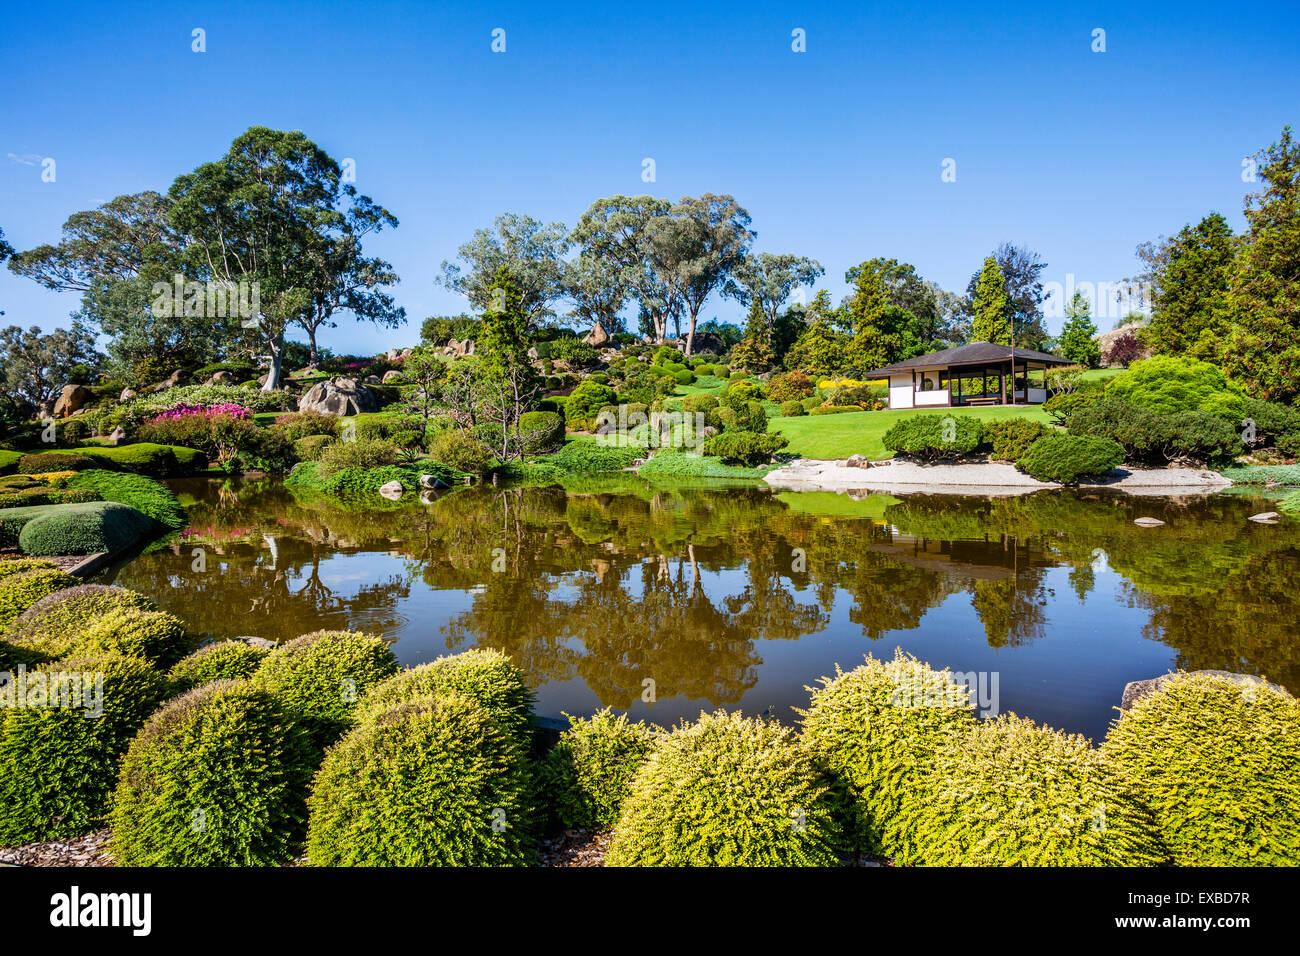 Australia, Nueva Gales del Sur, la Región Centro Oeste, el lago y la casa de té en el Jardín Japonés Imagen De Stock